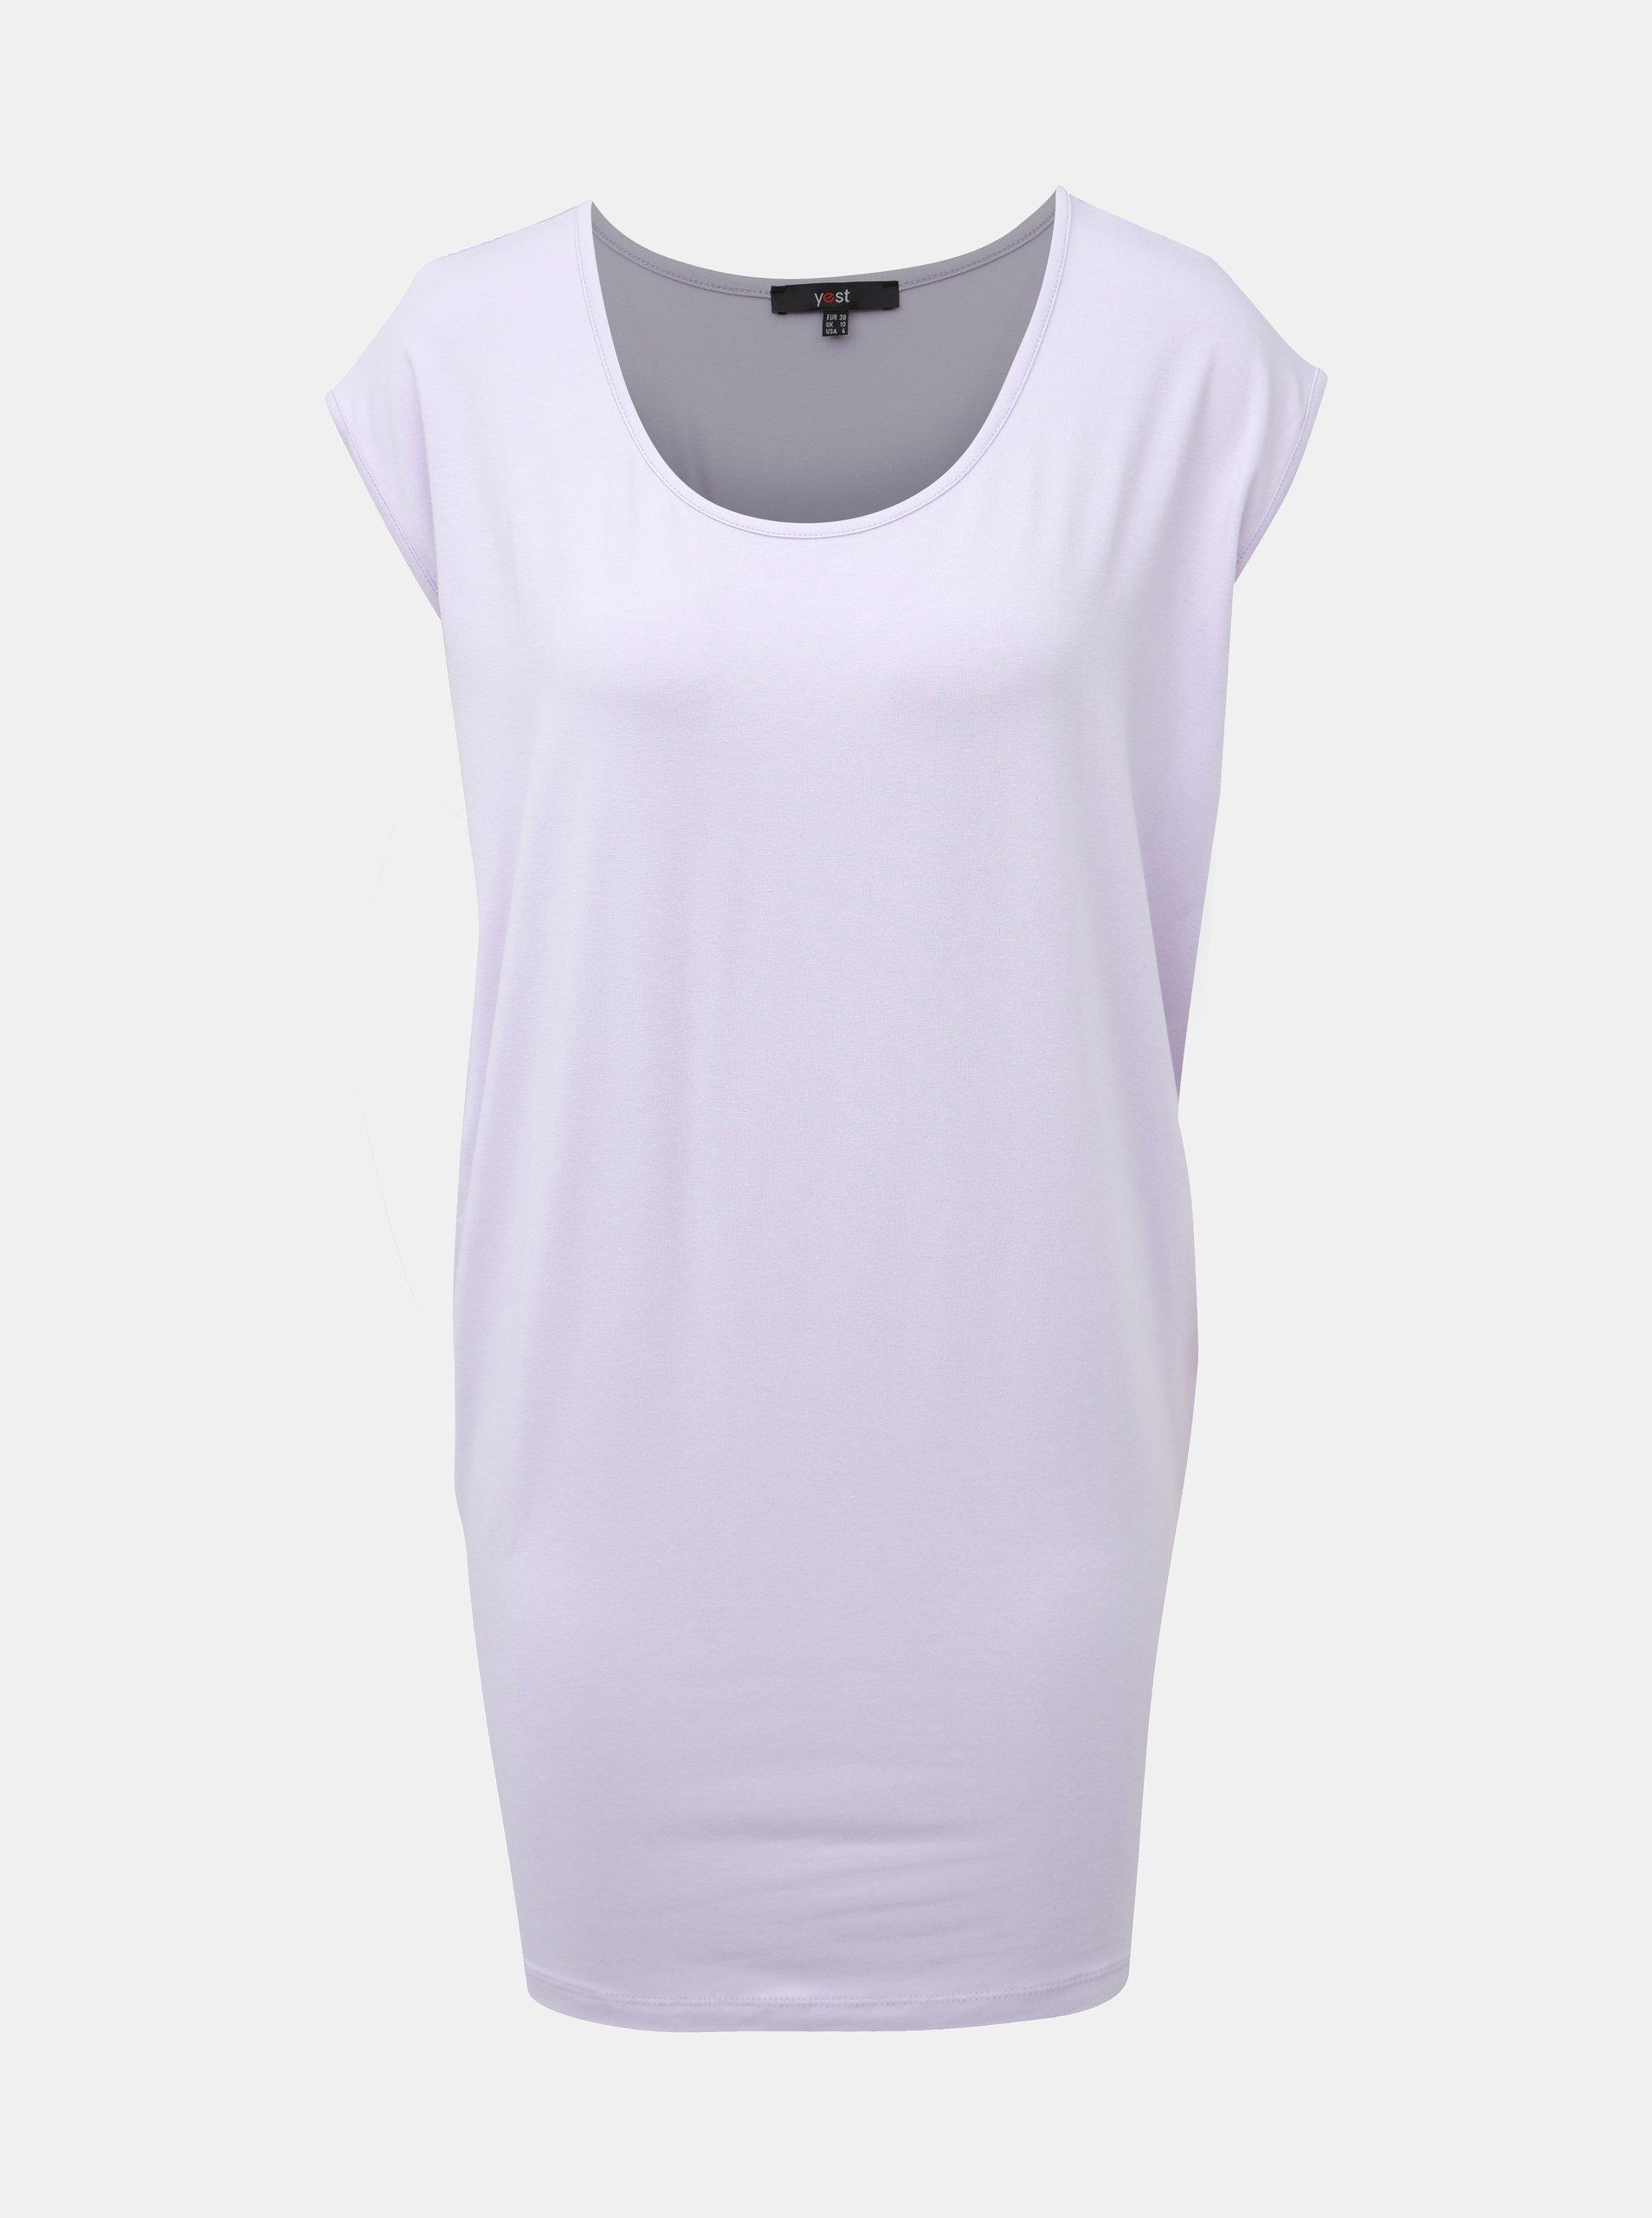 E-shop Světle fialové dlouhé tričko Yest